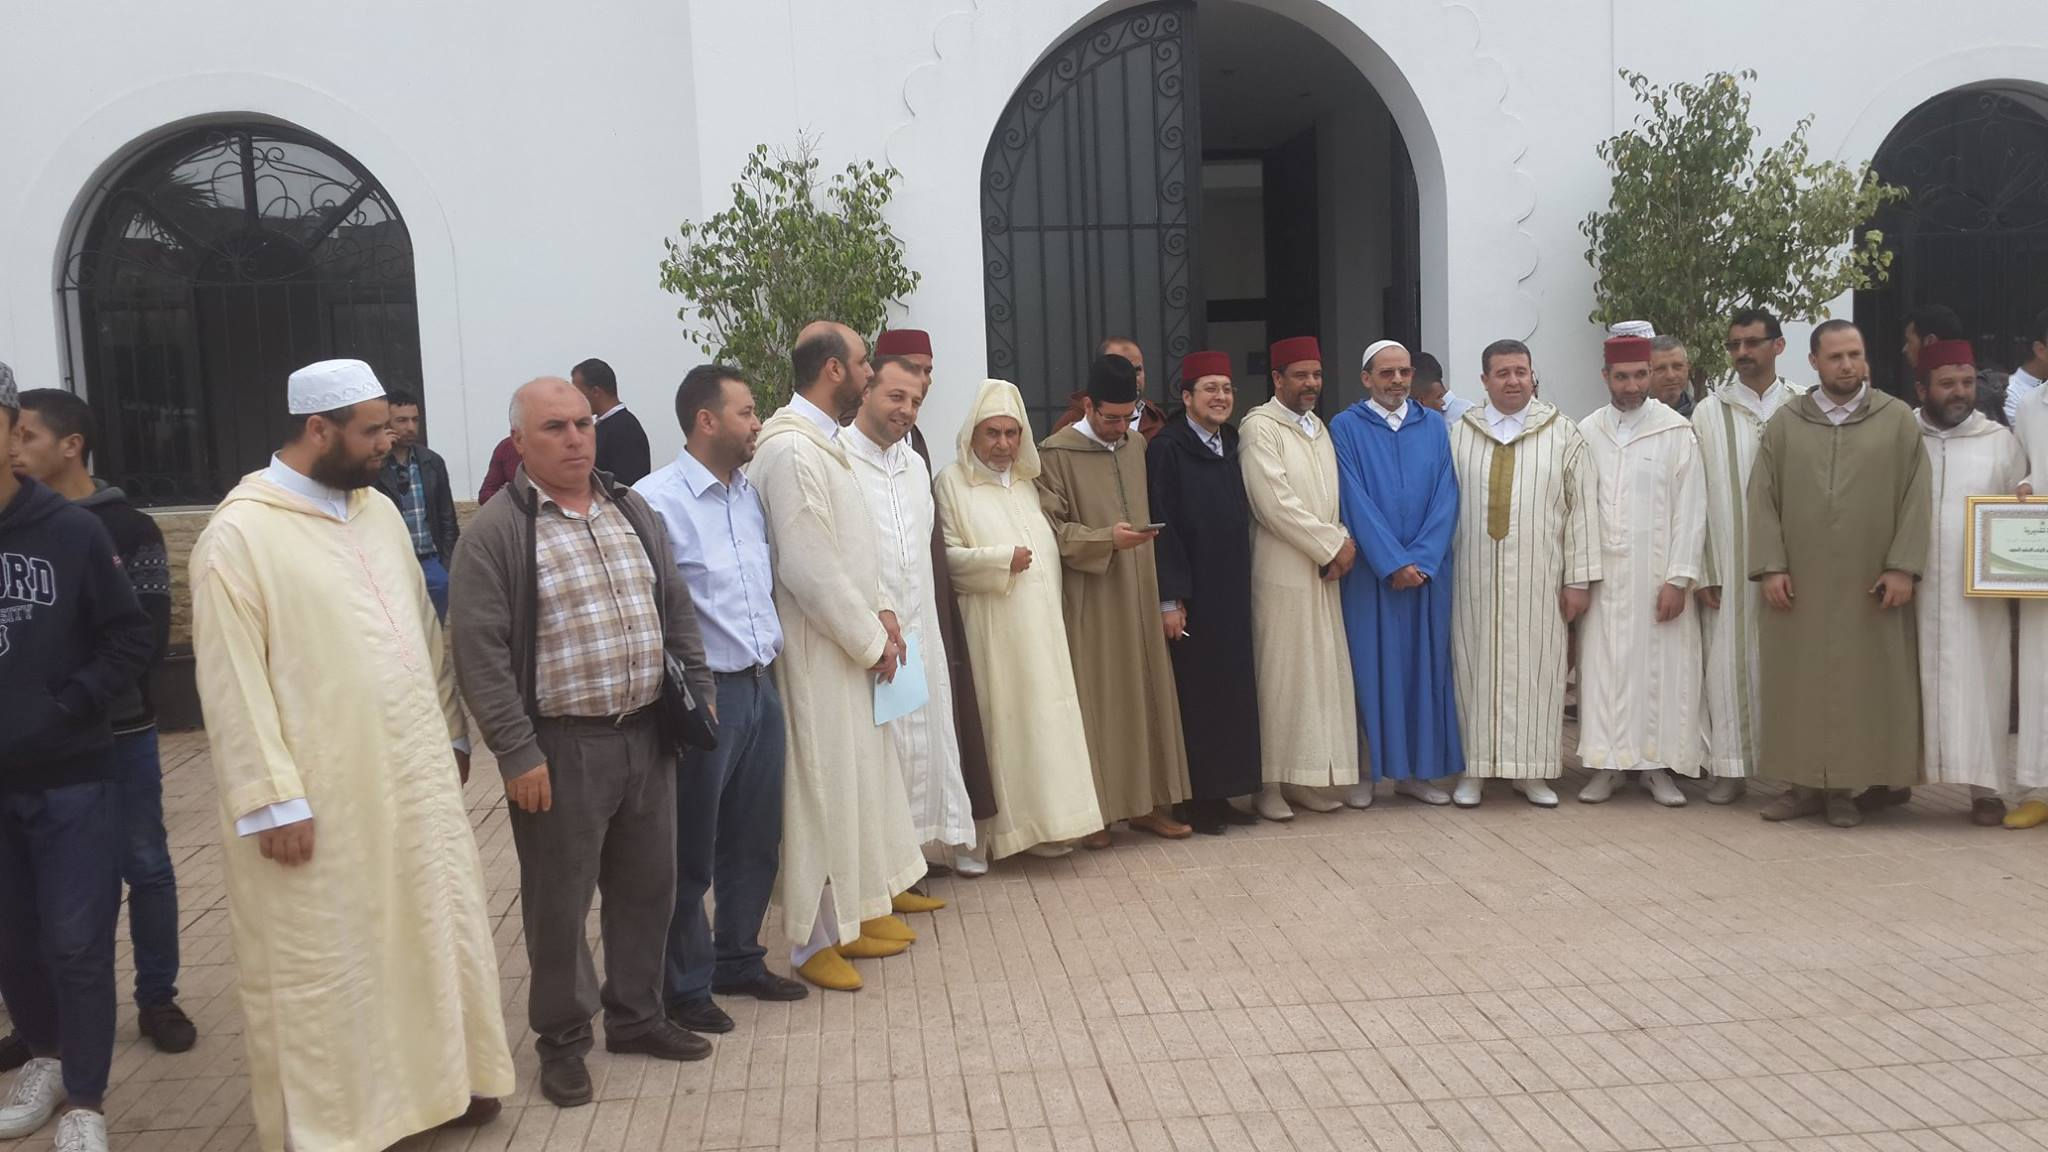 مؤسسة القاضي عياض تتوج بالمرتبة الأولى في المسابقة الكبرى للتعليم العتيق بإقليم العرائش